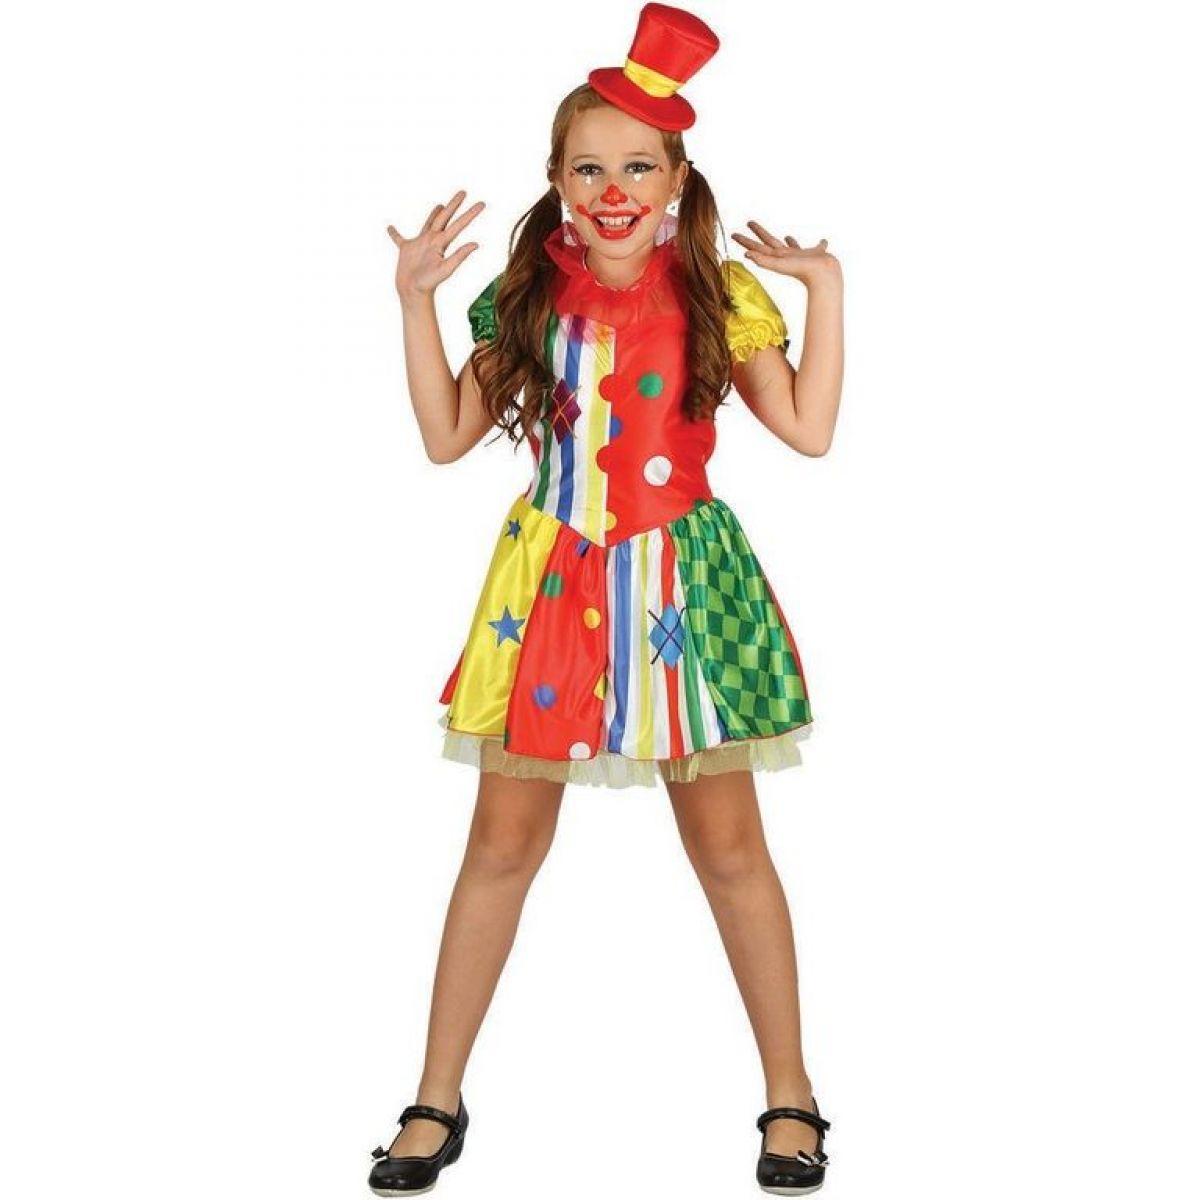 Dětské šaty na karneval klaun 130 - 140 cm